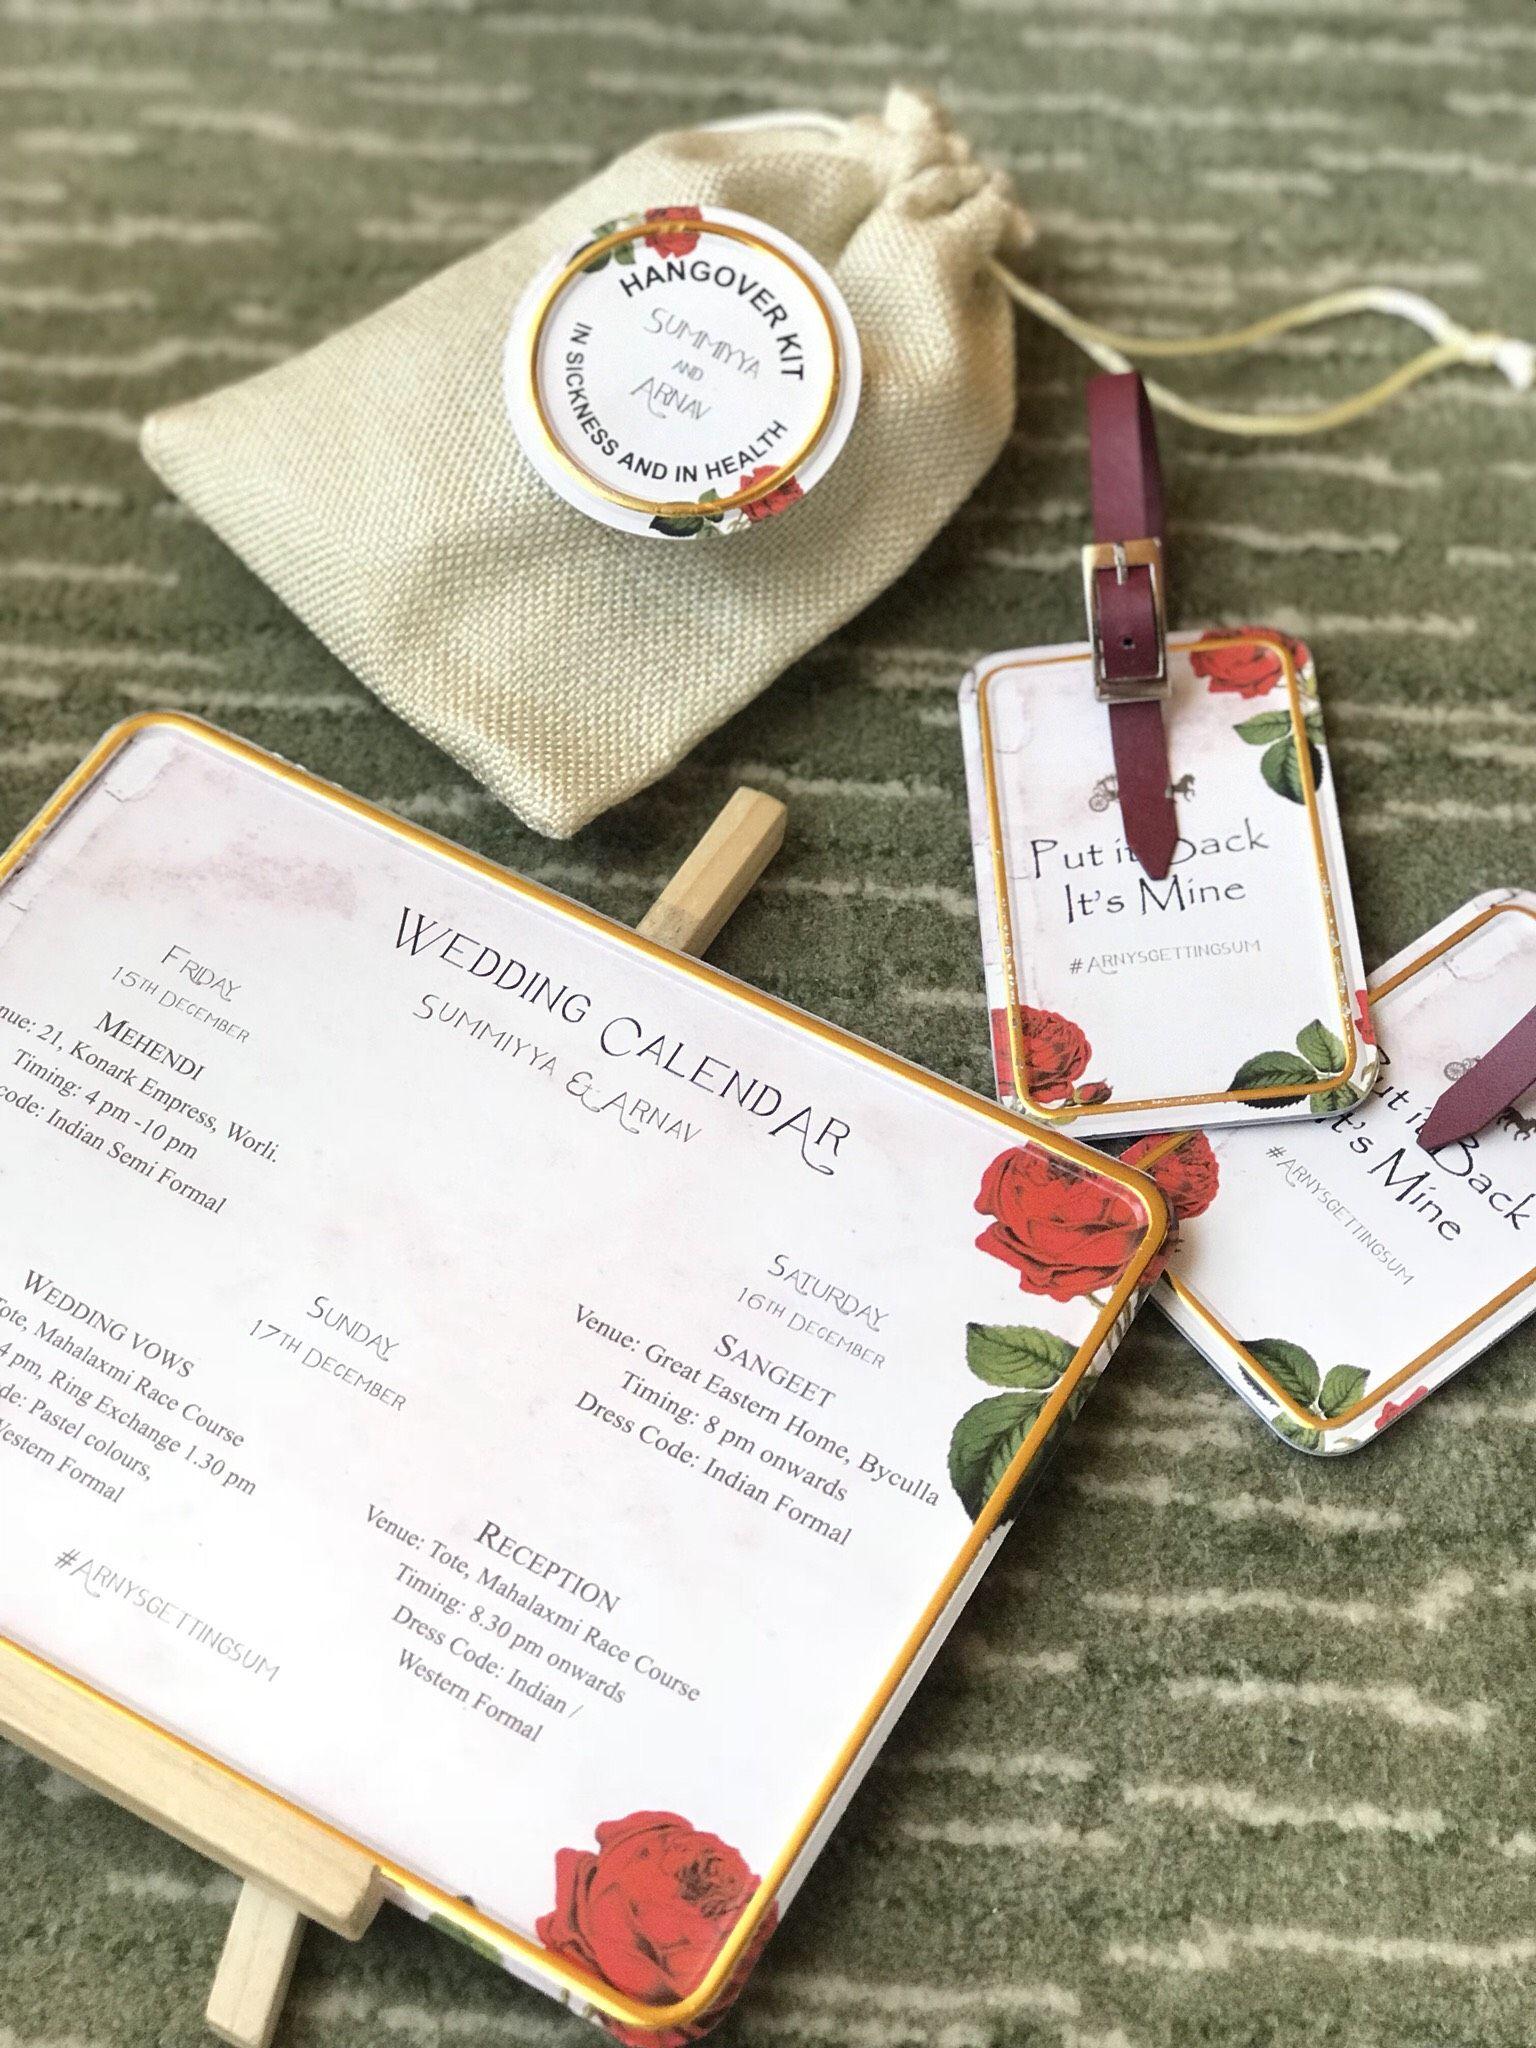 Pin by Happi Weddings on Luxury Indian Wedding Gifts